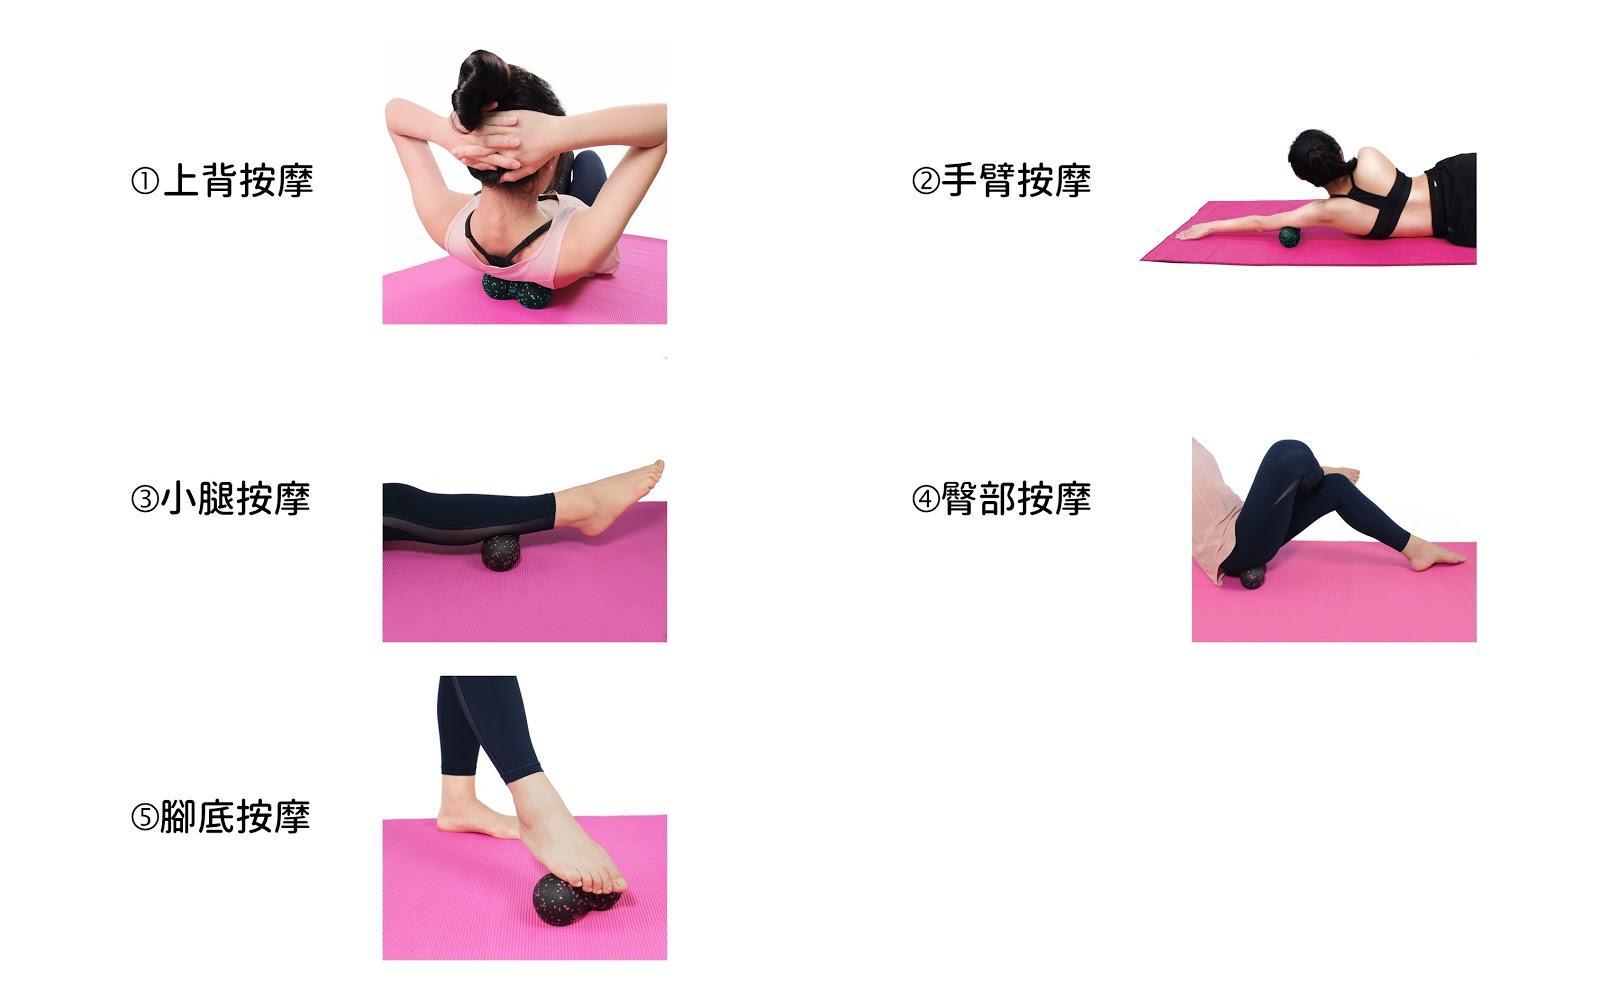 使用按摩球按摩全身不同部位,包含上背按摩、小腿按摩、手臂按摩、臀部按摩、腳底按摩